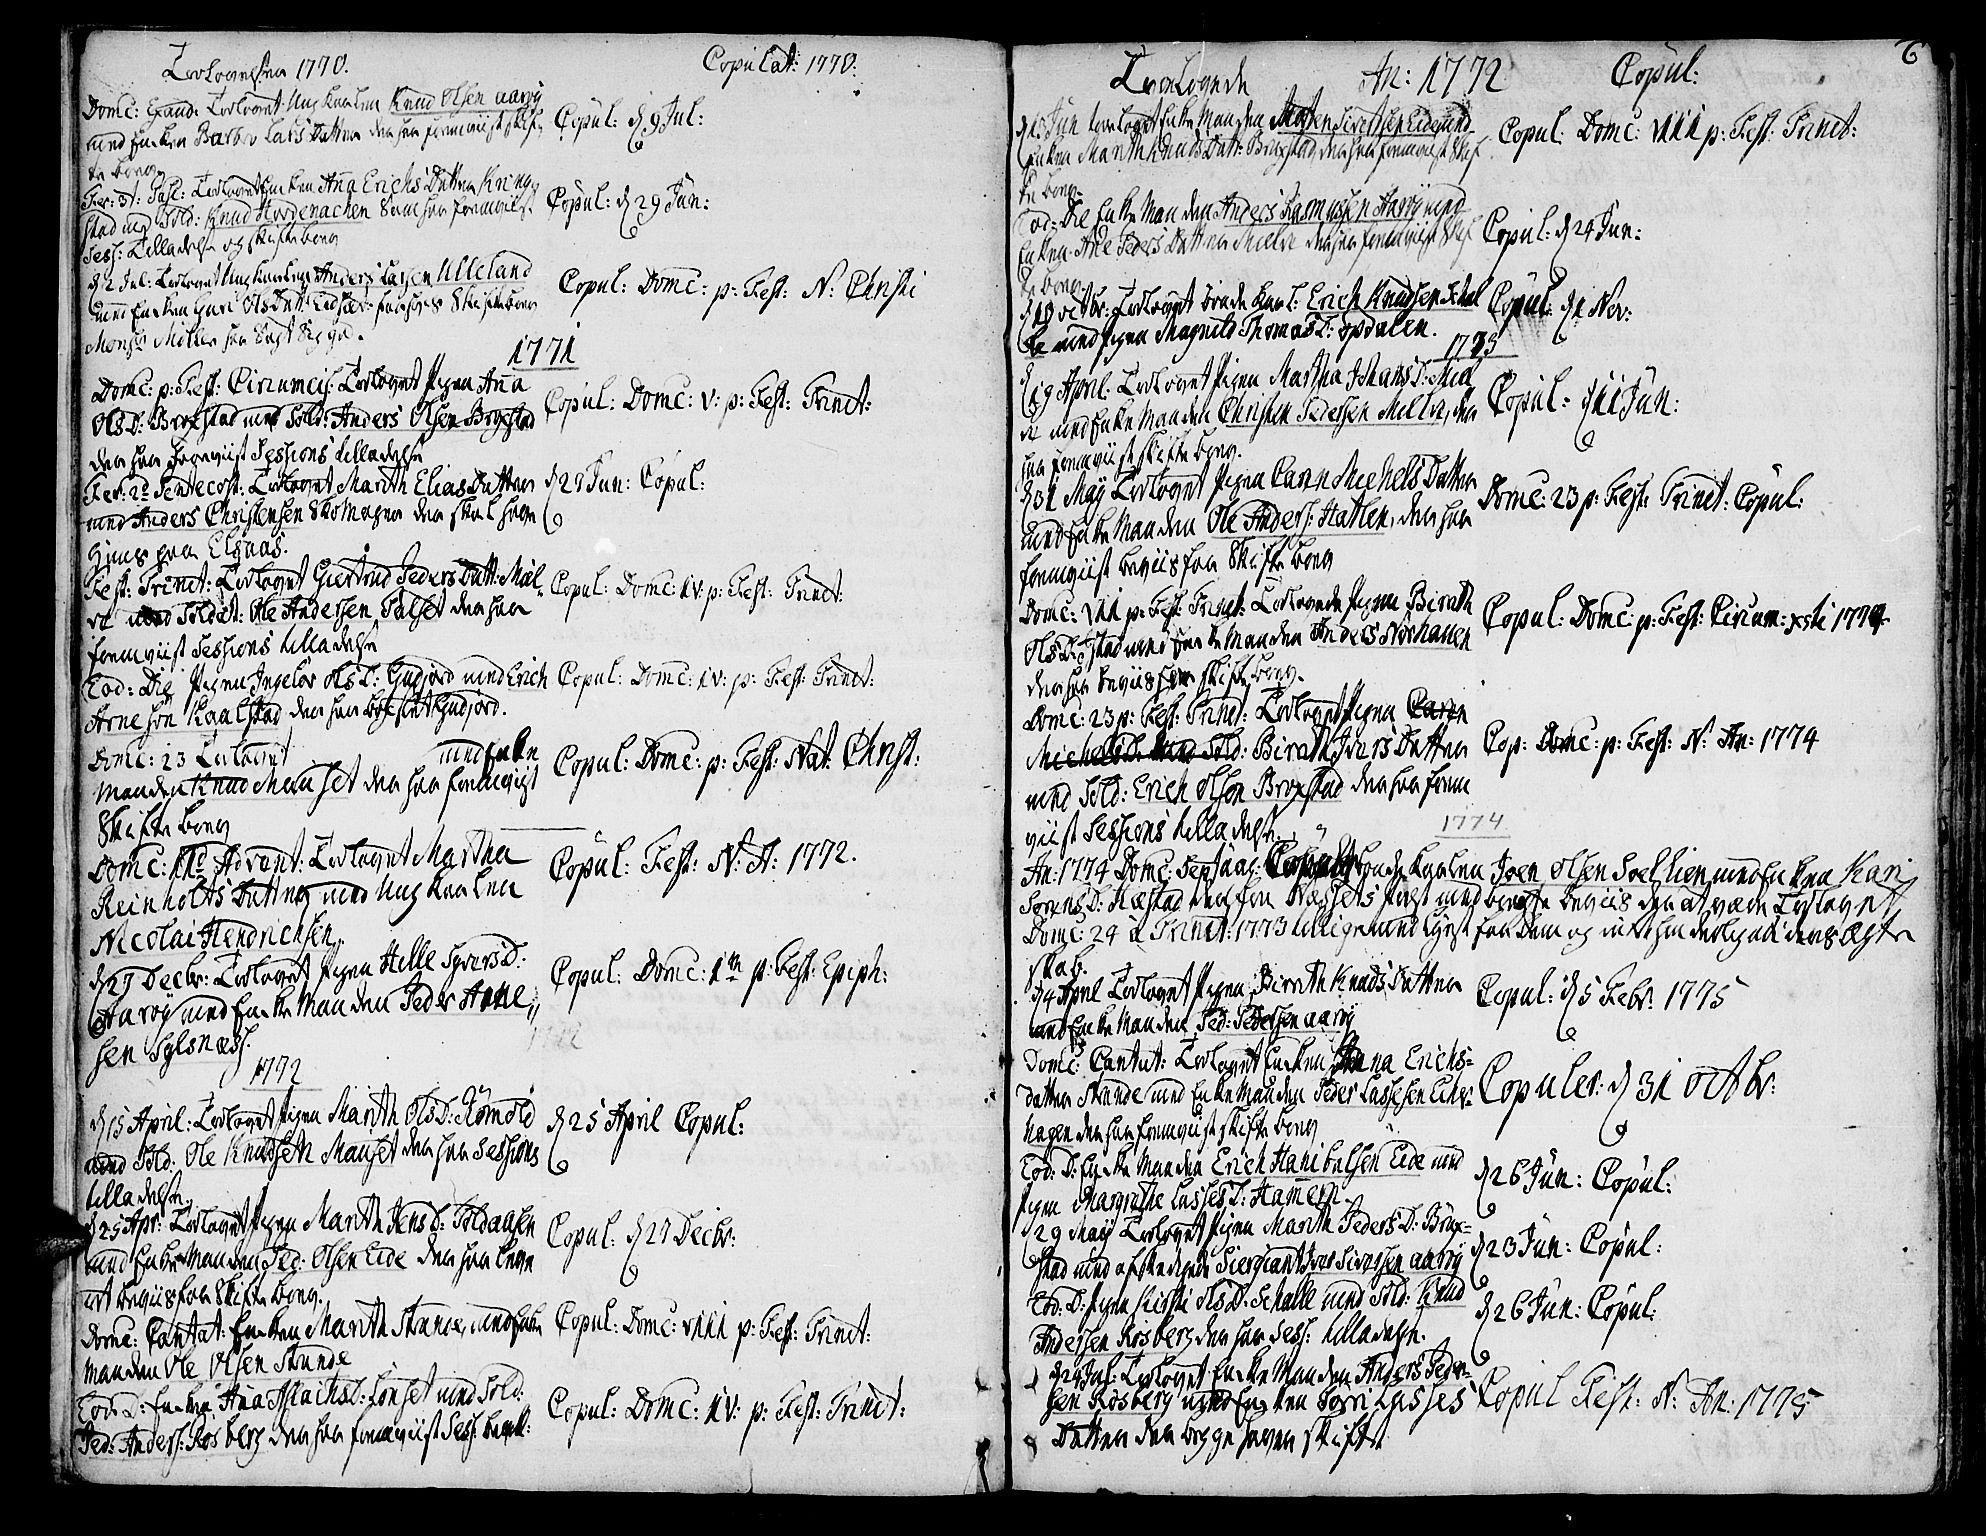 SAT, Ministerialprotokoller, klokkerbøker og fødselsregistre - Møre og Romsdal, 555/L0648: Ministerialbok nr. 555A01, 1759-1793, s. 6